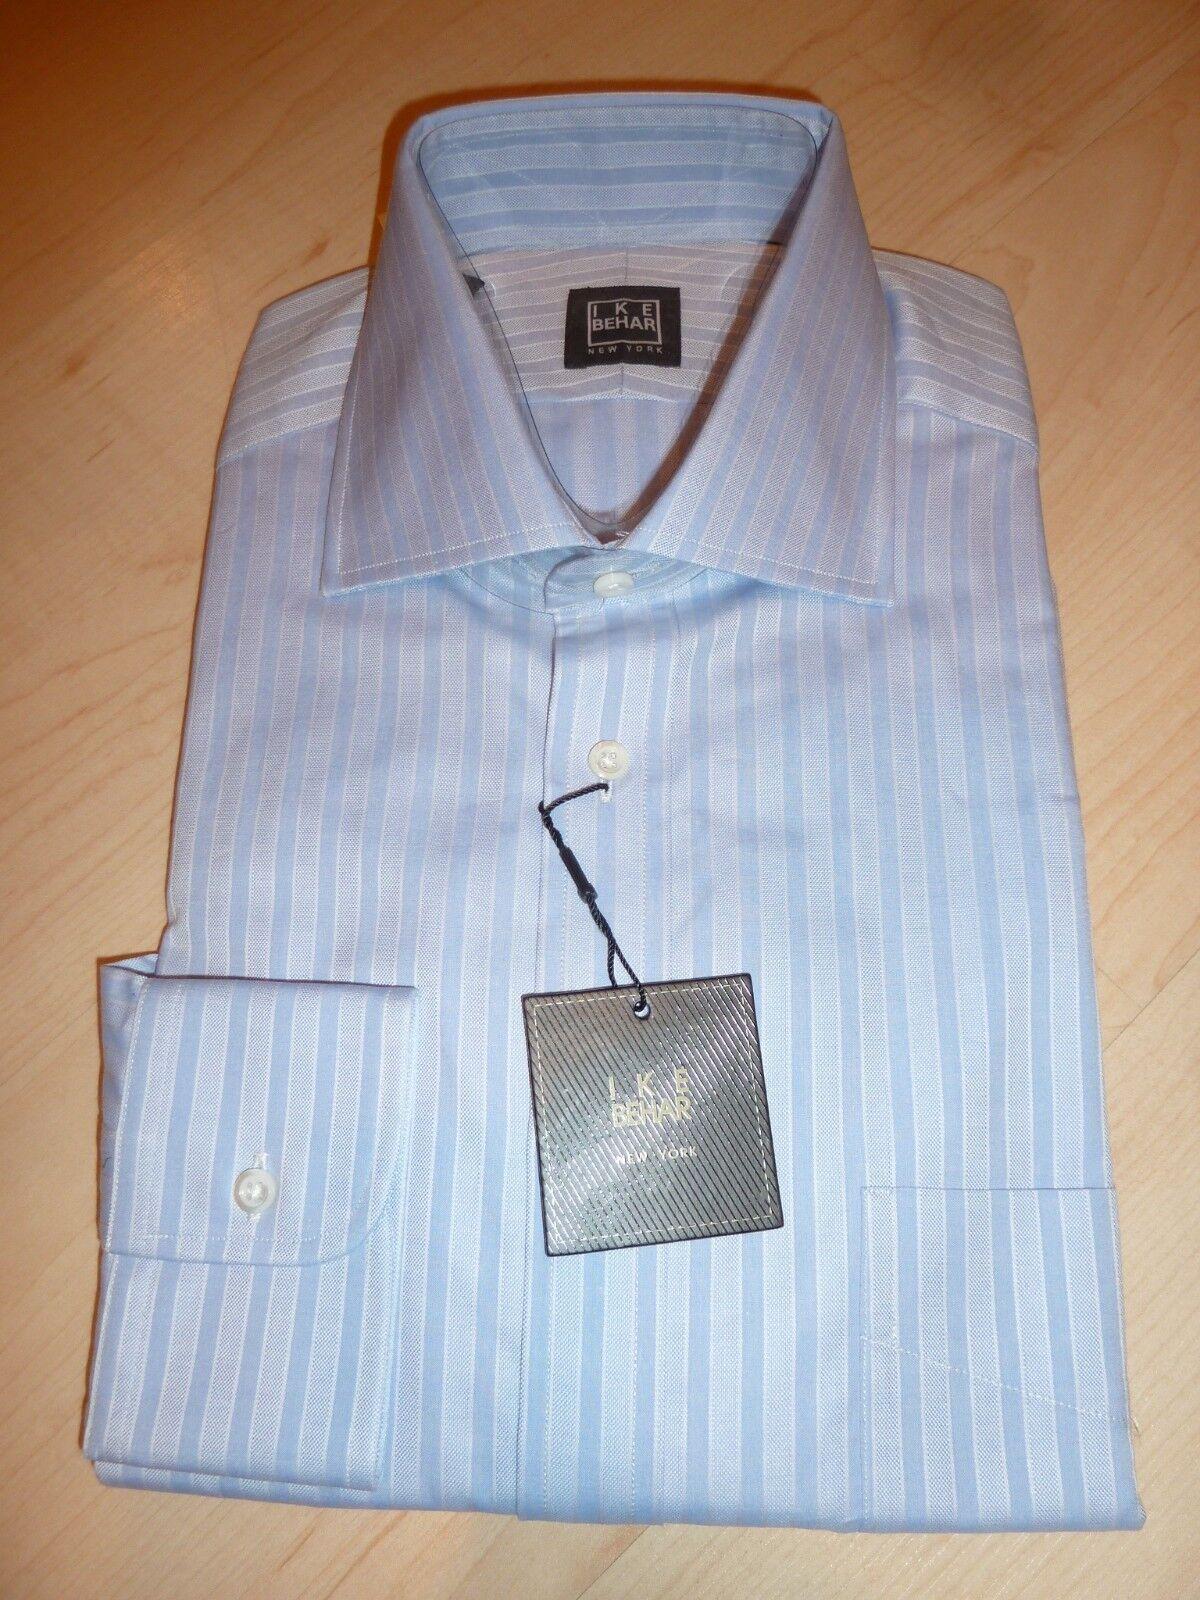 NEW  190 IKE BEHAR herren hemd Sz 15.5 34 35 NWT 100% baumwolle Blau BC 3